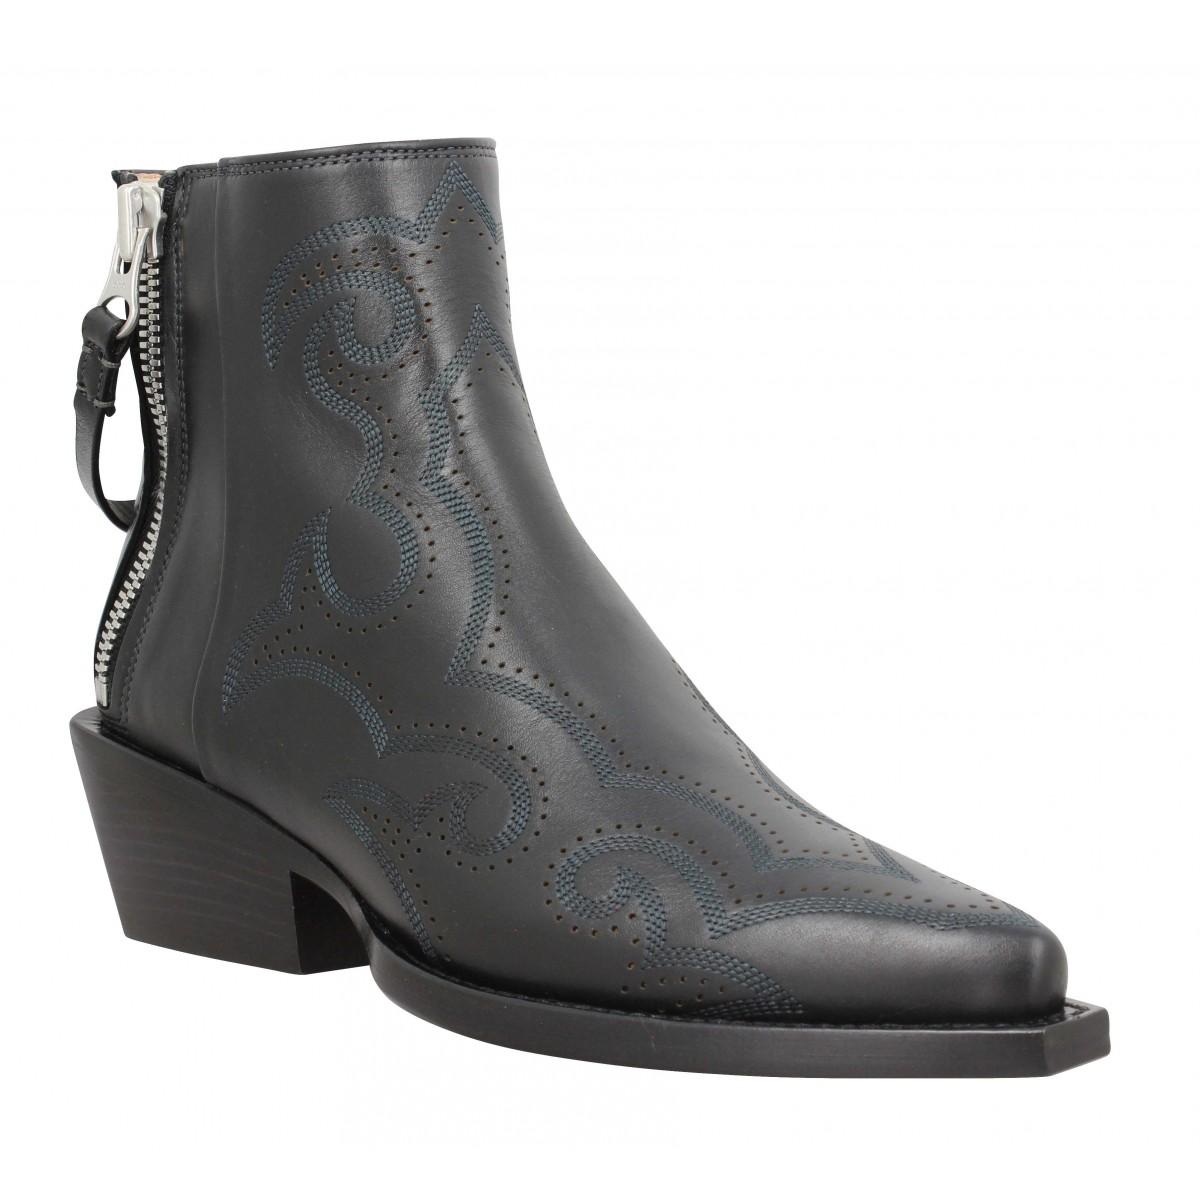 Bottines FREE LANCE Calamity 4 West Double Zip Boots cuir lisse Femme Noir